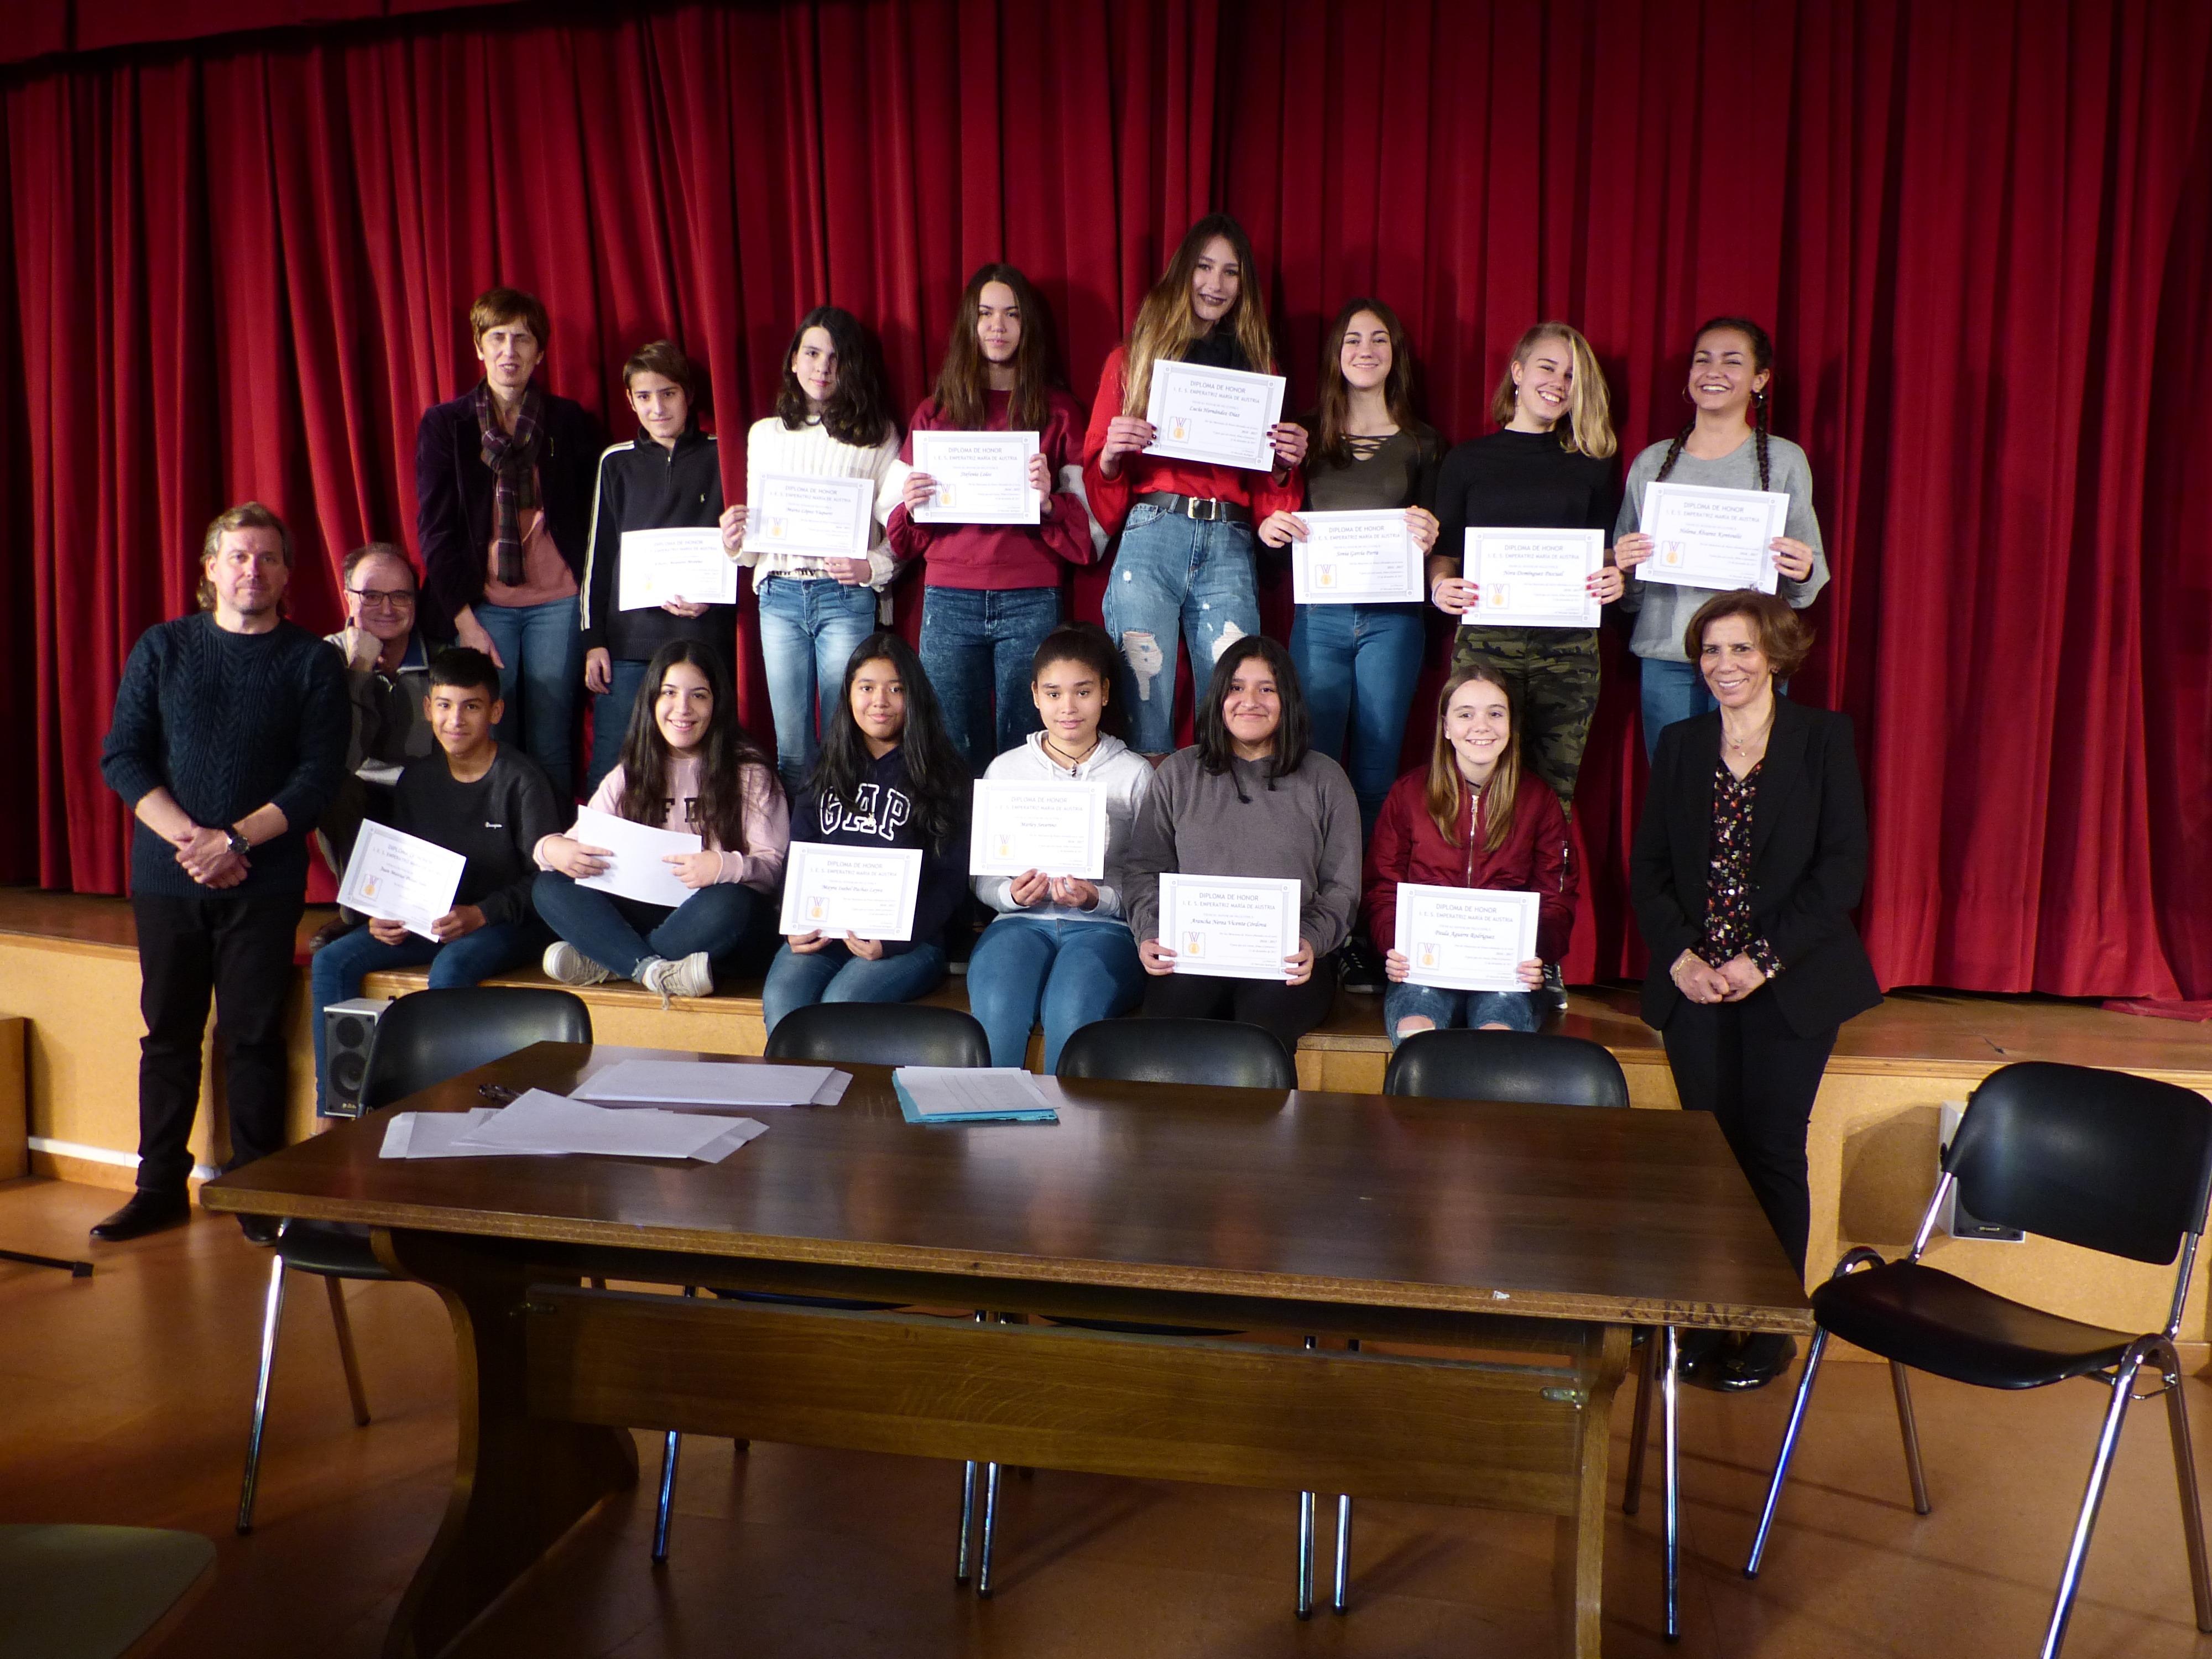 Acto Entrega Diplomas Menciones Honoríficas curso 2017-2018 5